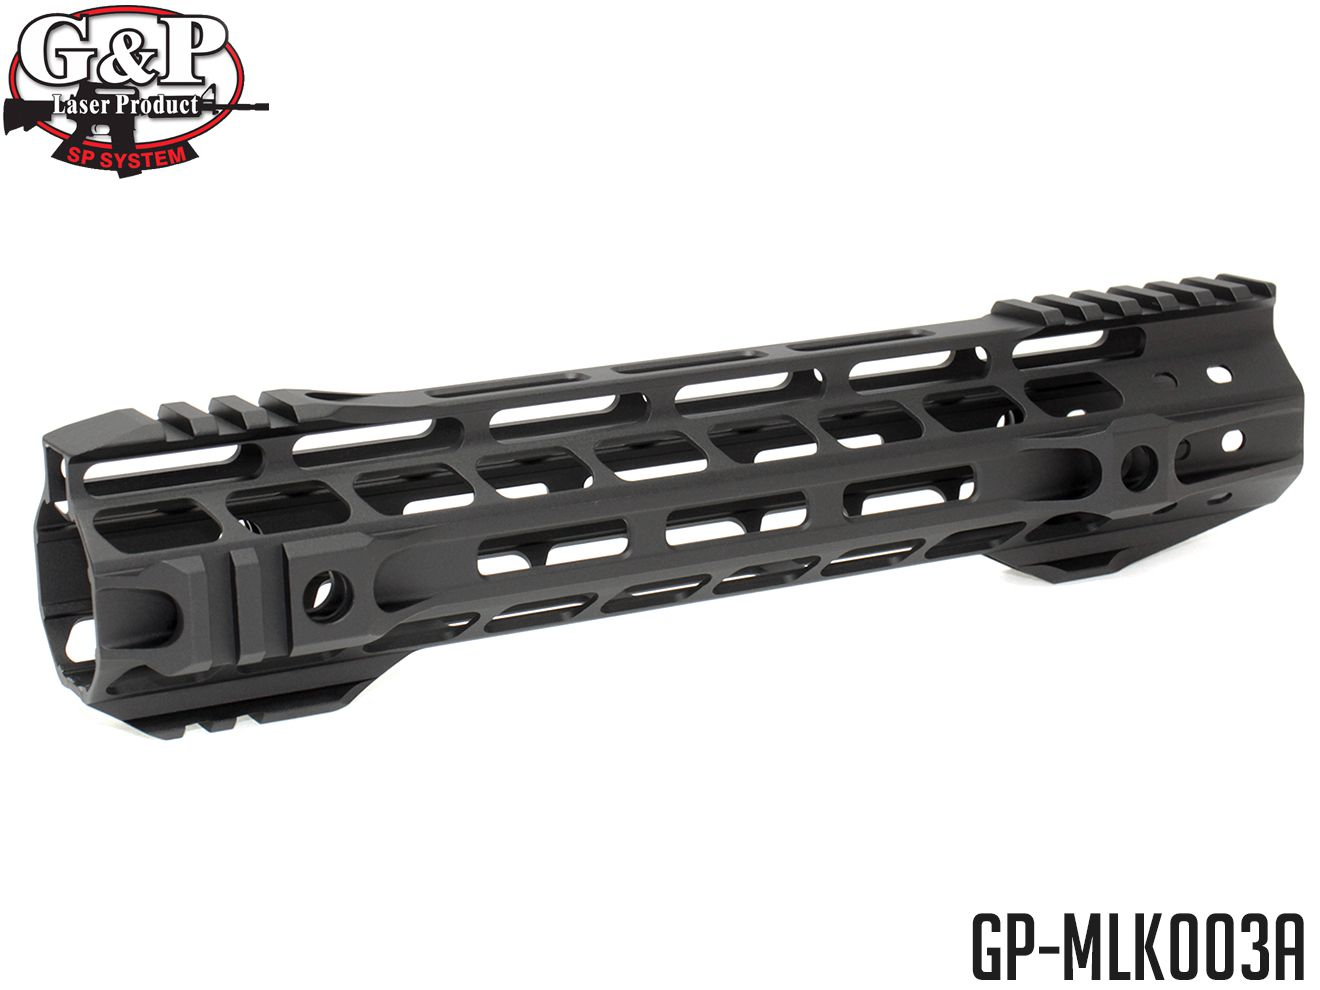 G&P MOTS 10.75インチ M-LOK RAS◆マルイ M4シリーズ(STD/次世代/MWS)対応 超軽量ハンドガード 20mmレール エムロック KSC GBB M4にも